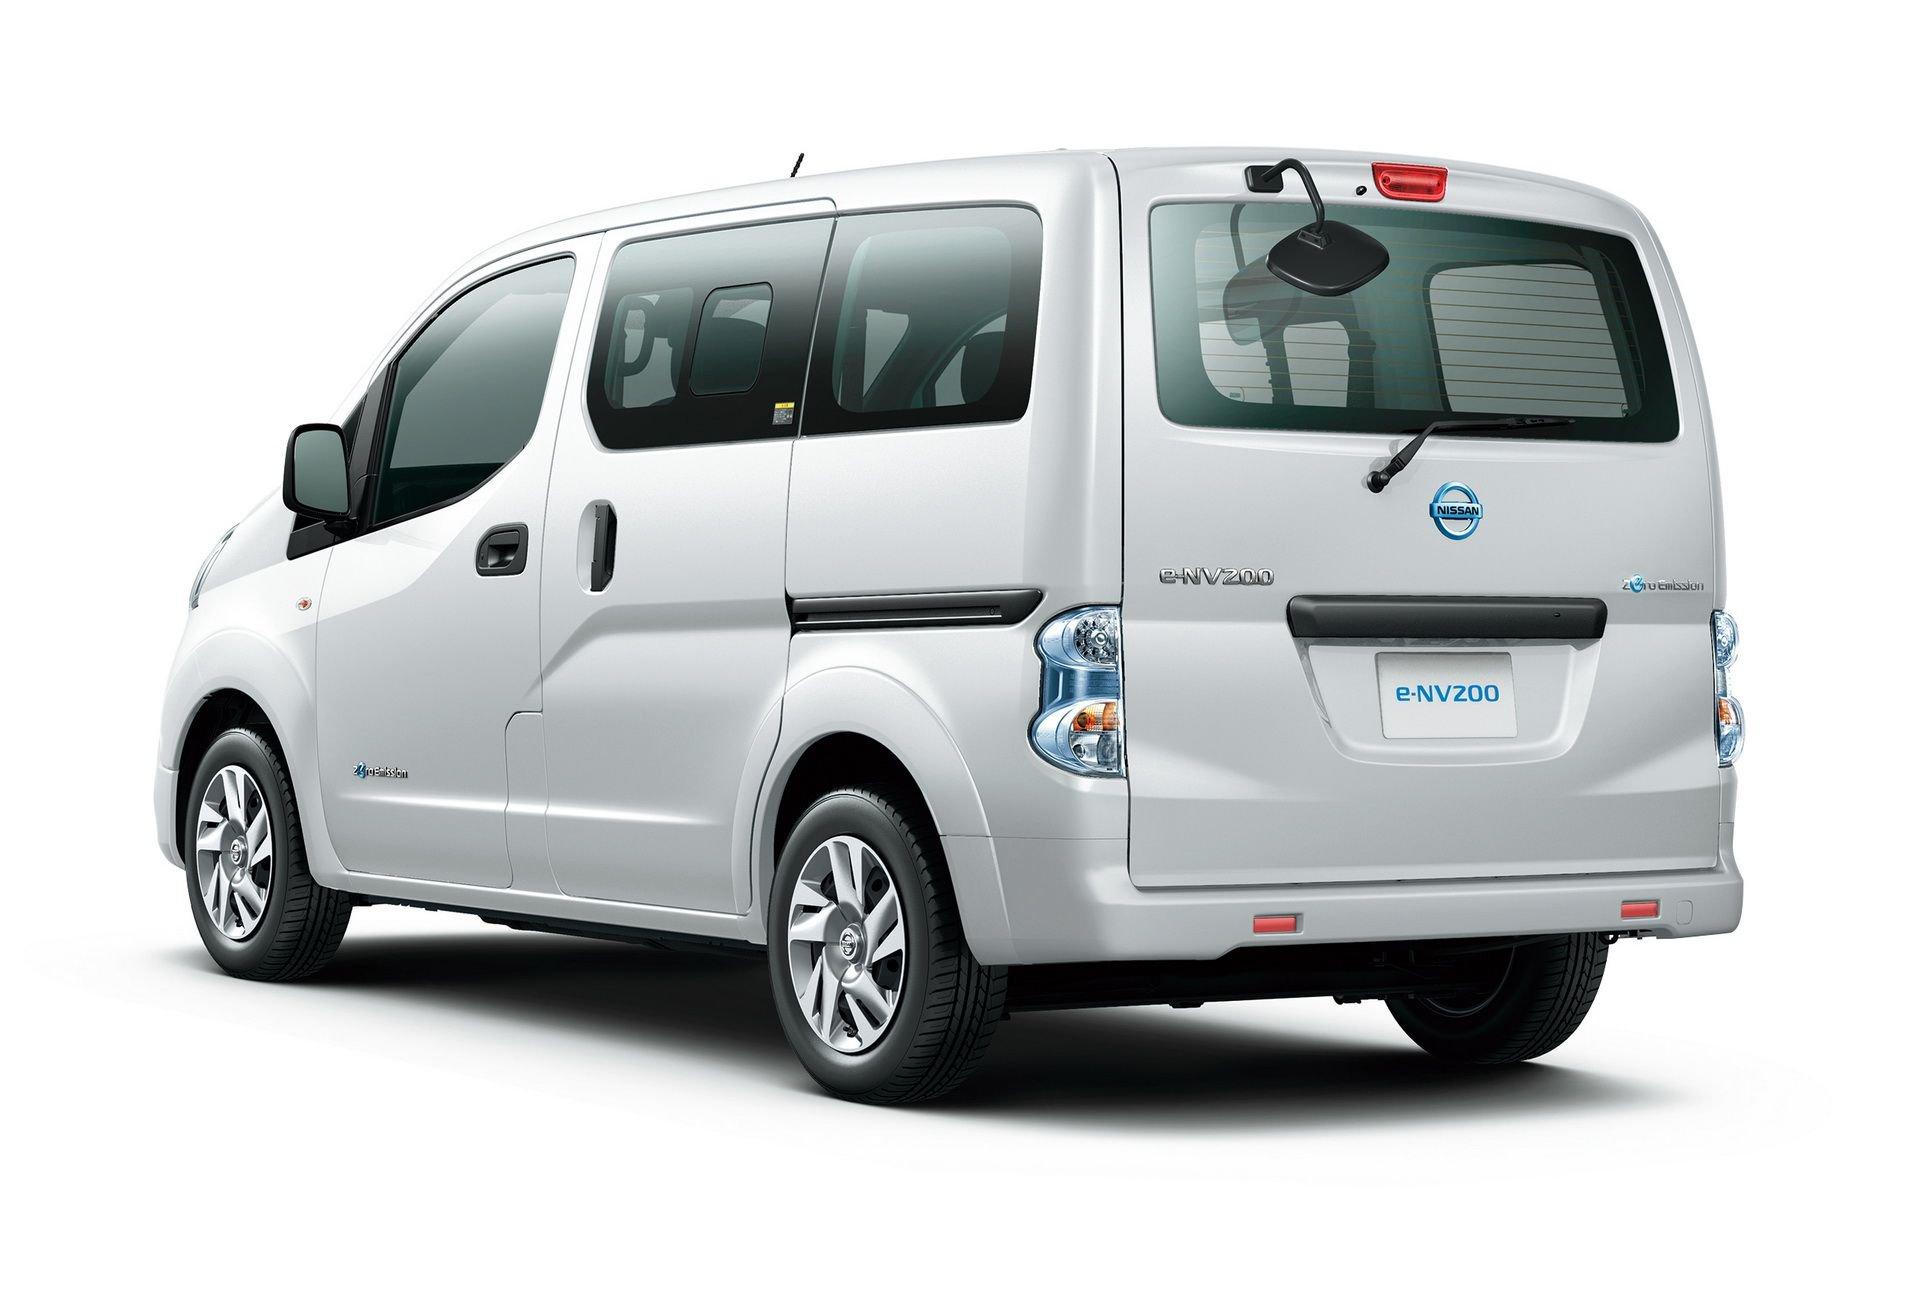 2019_Nissan_e-NV200_0010